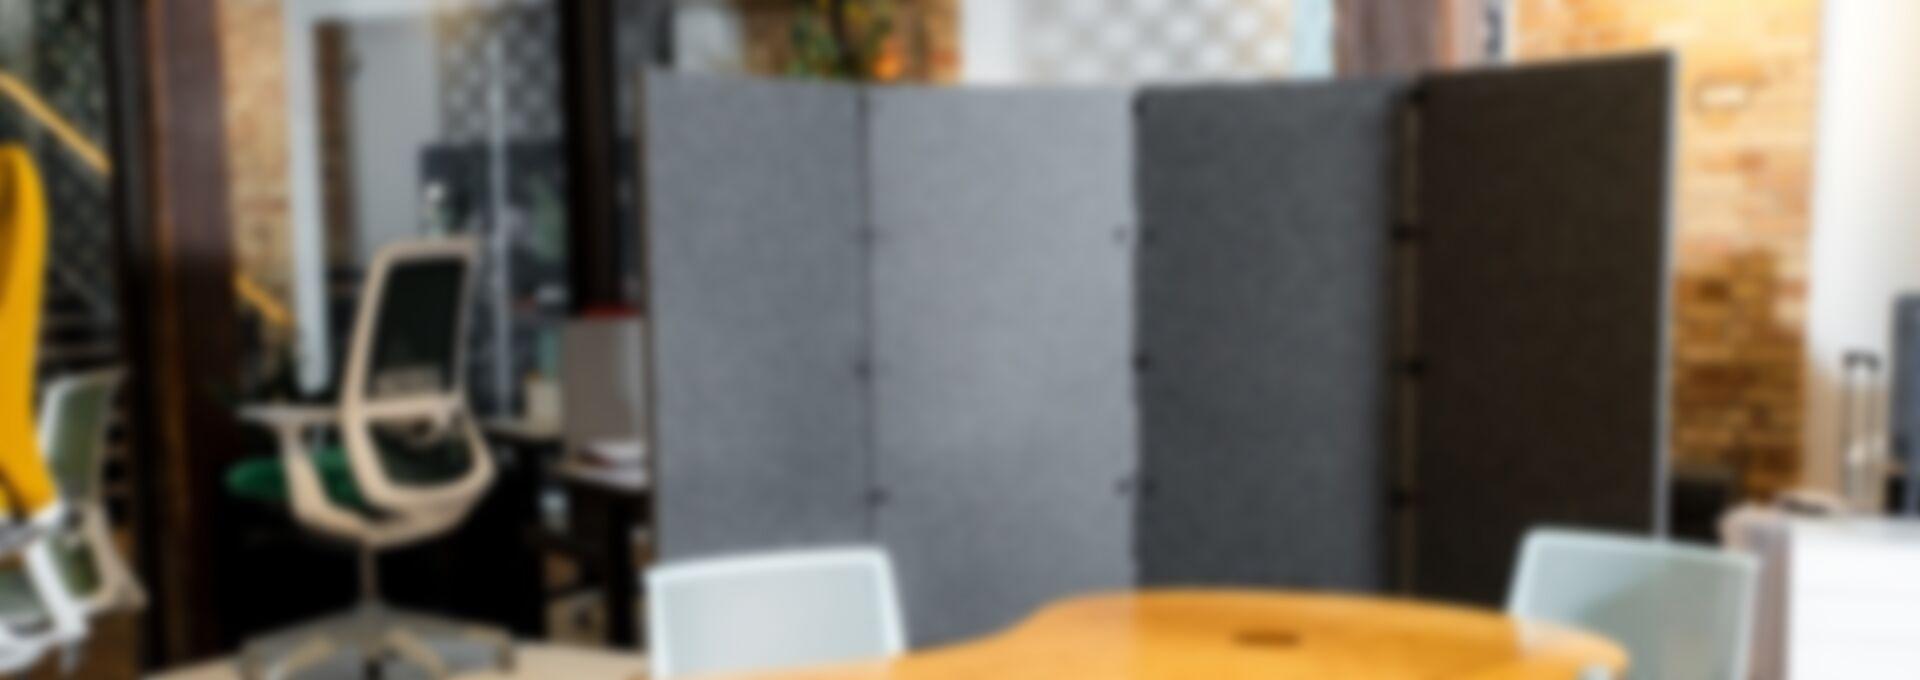 products screen e screen insitu